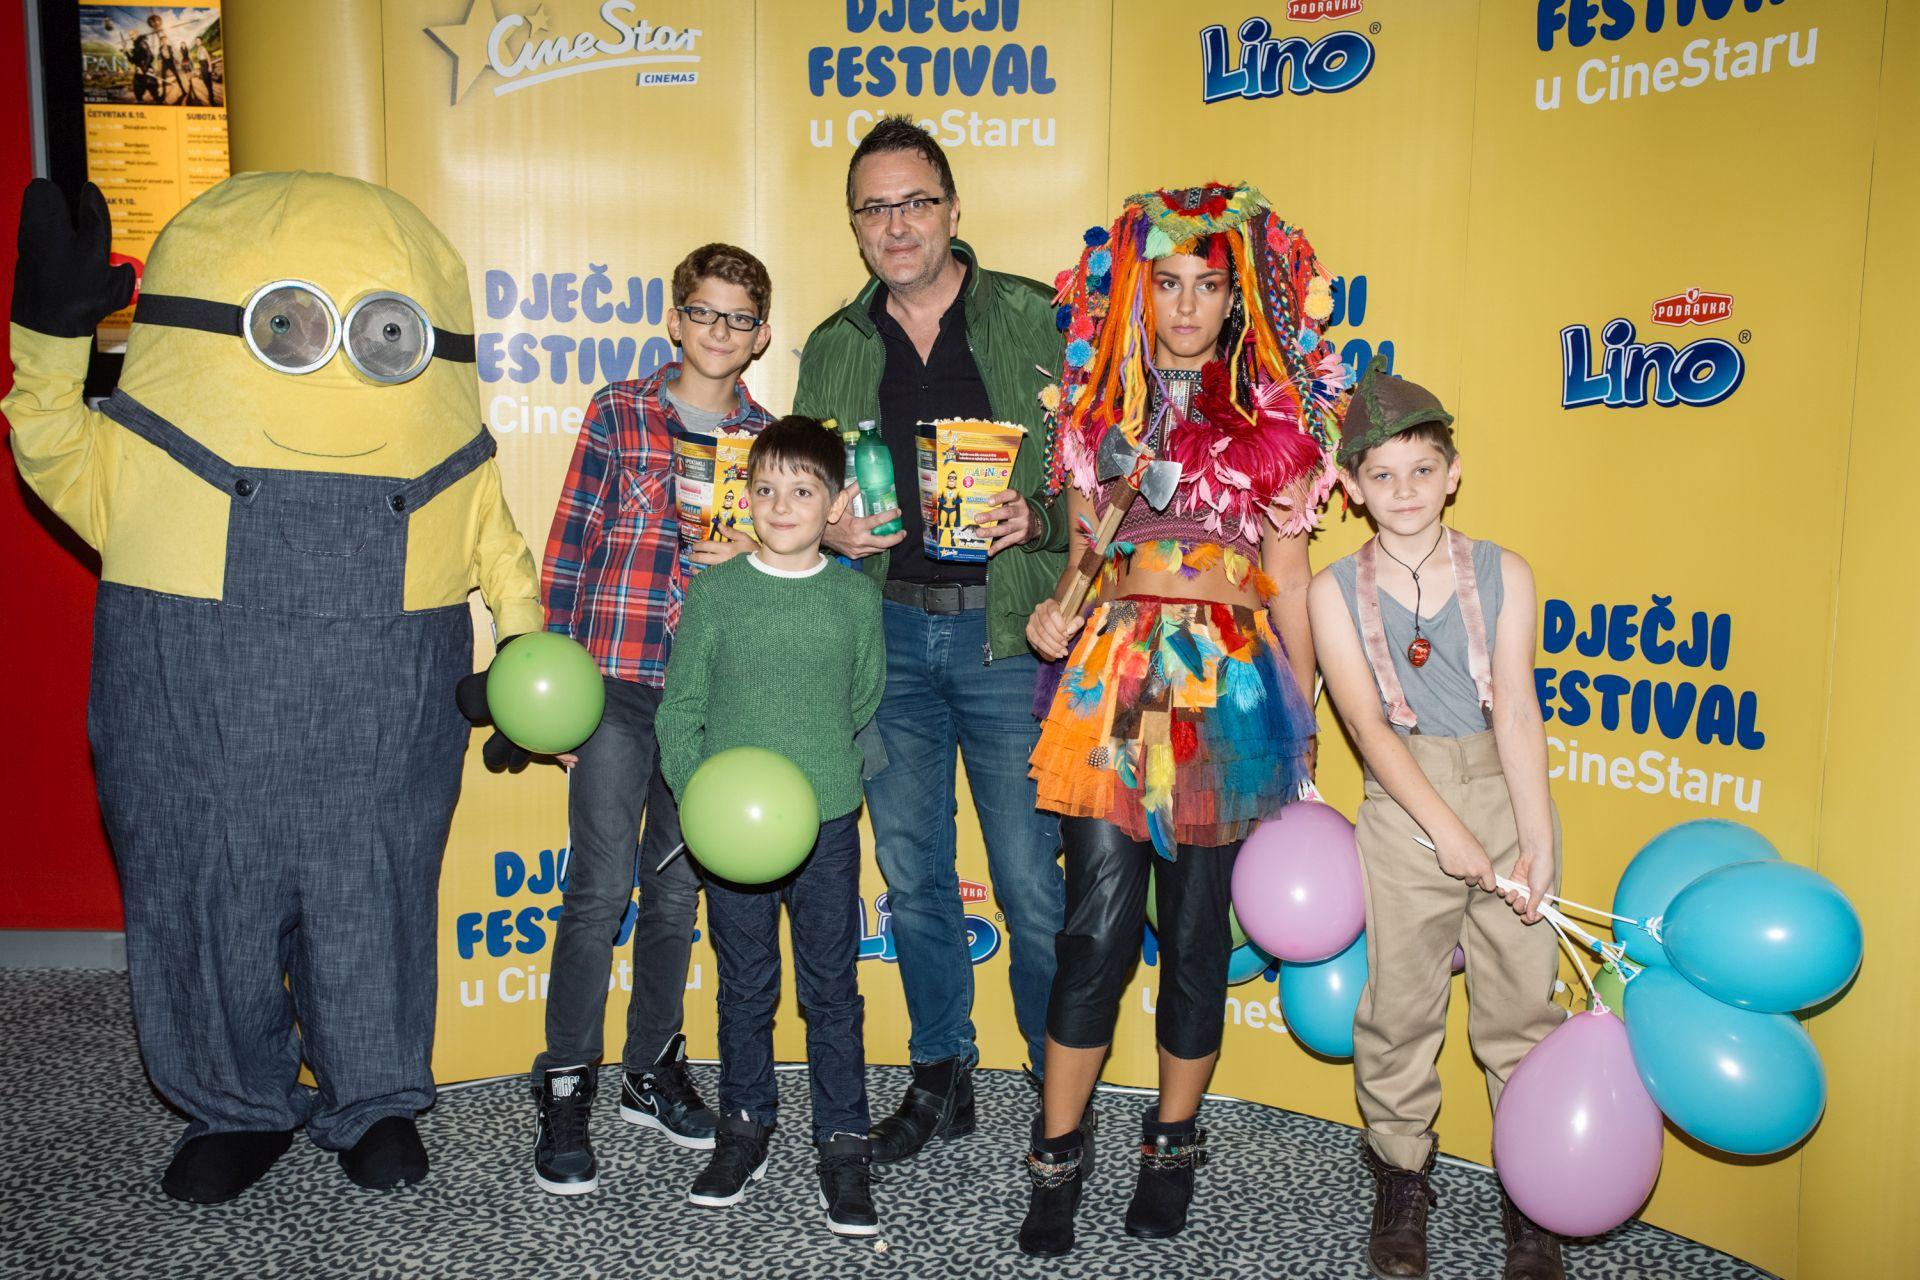 FOTO: Premijera filma o Petru Panu okupila brojne poznate s djecom